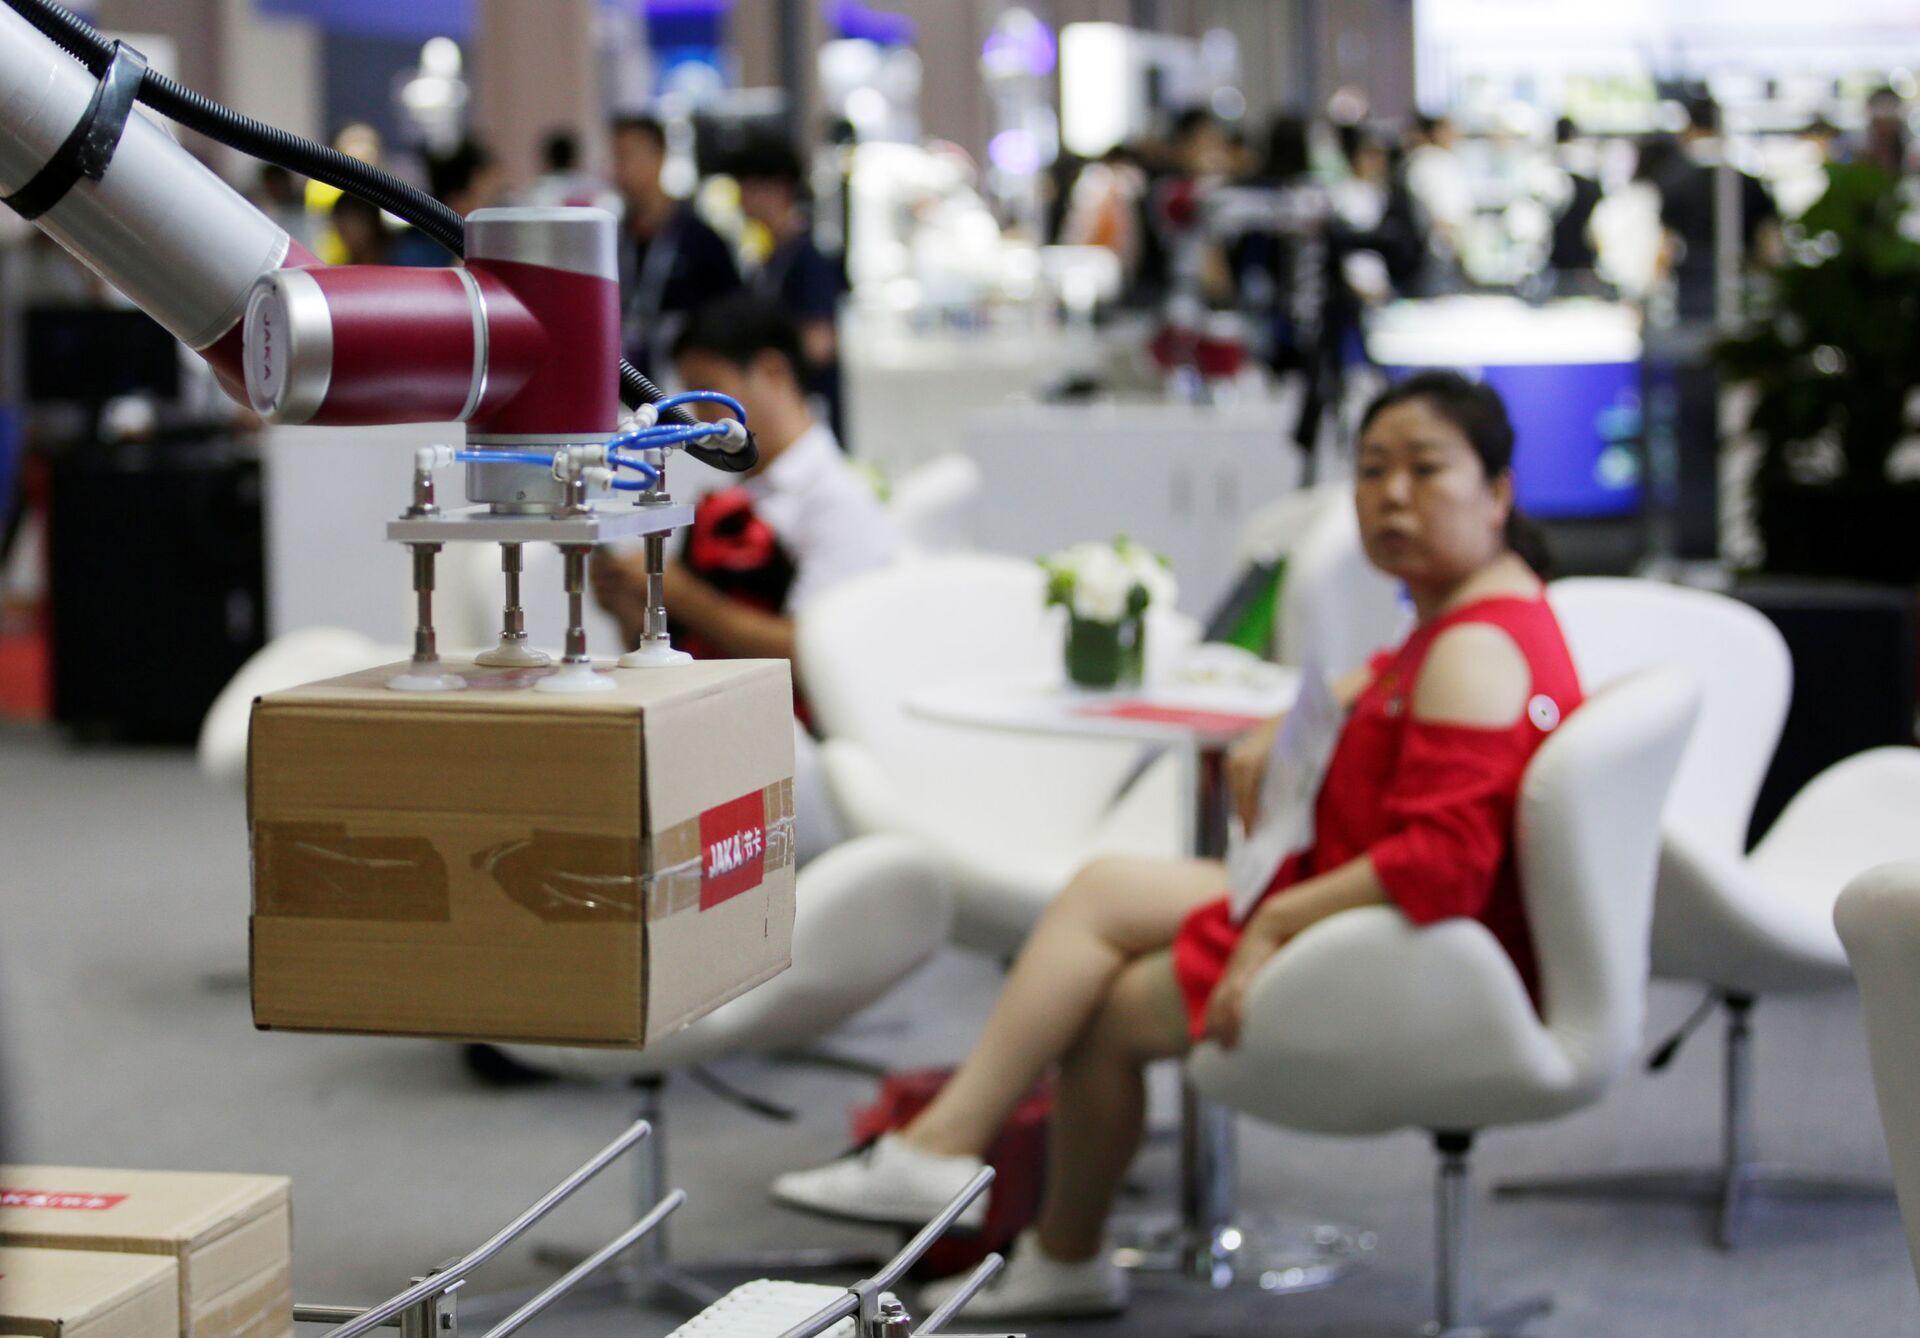 Trung Quốc thay thế nhân công bằng robot - Sputnik Việt Nam, 1920, 13.04.2021